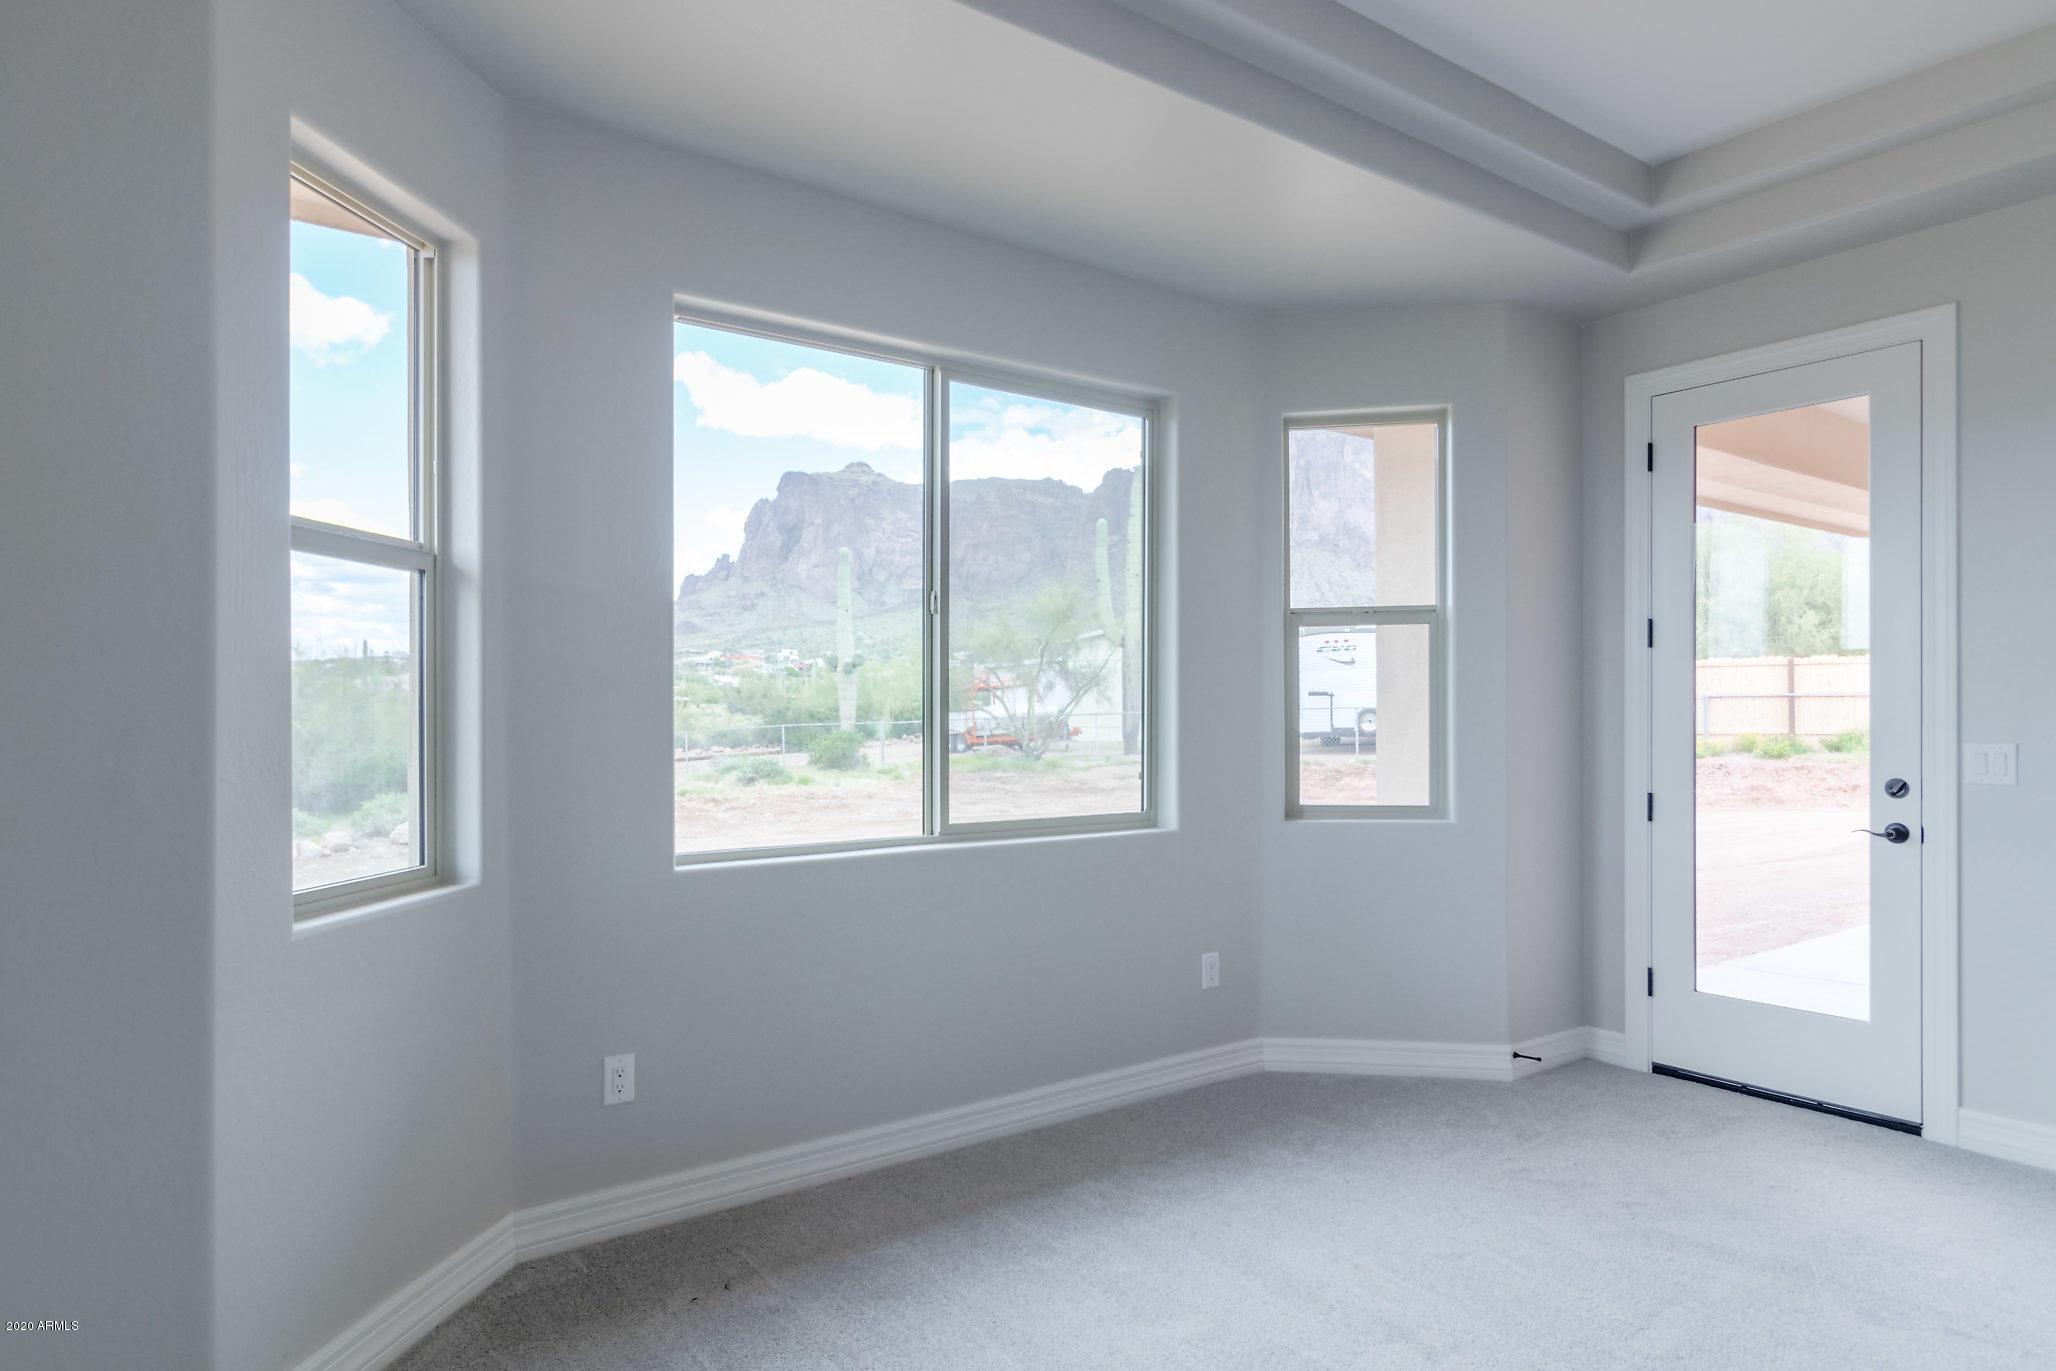 3789 Jomar Trail, Queen Creek, Arizona 85142, 5 Bedrooms Bedrooms, ,3.5 BathroomsBathrooms,Residential,For Sale,Jomar,6182970